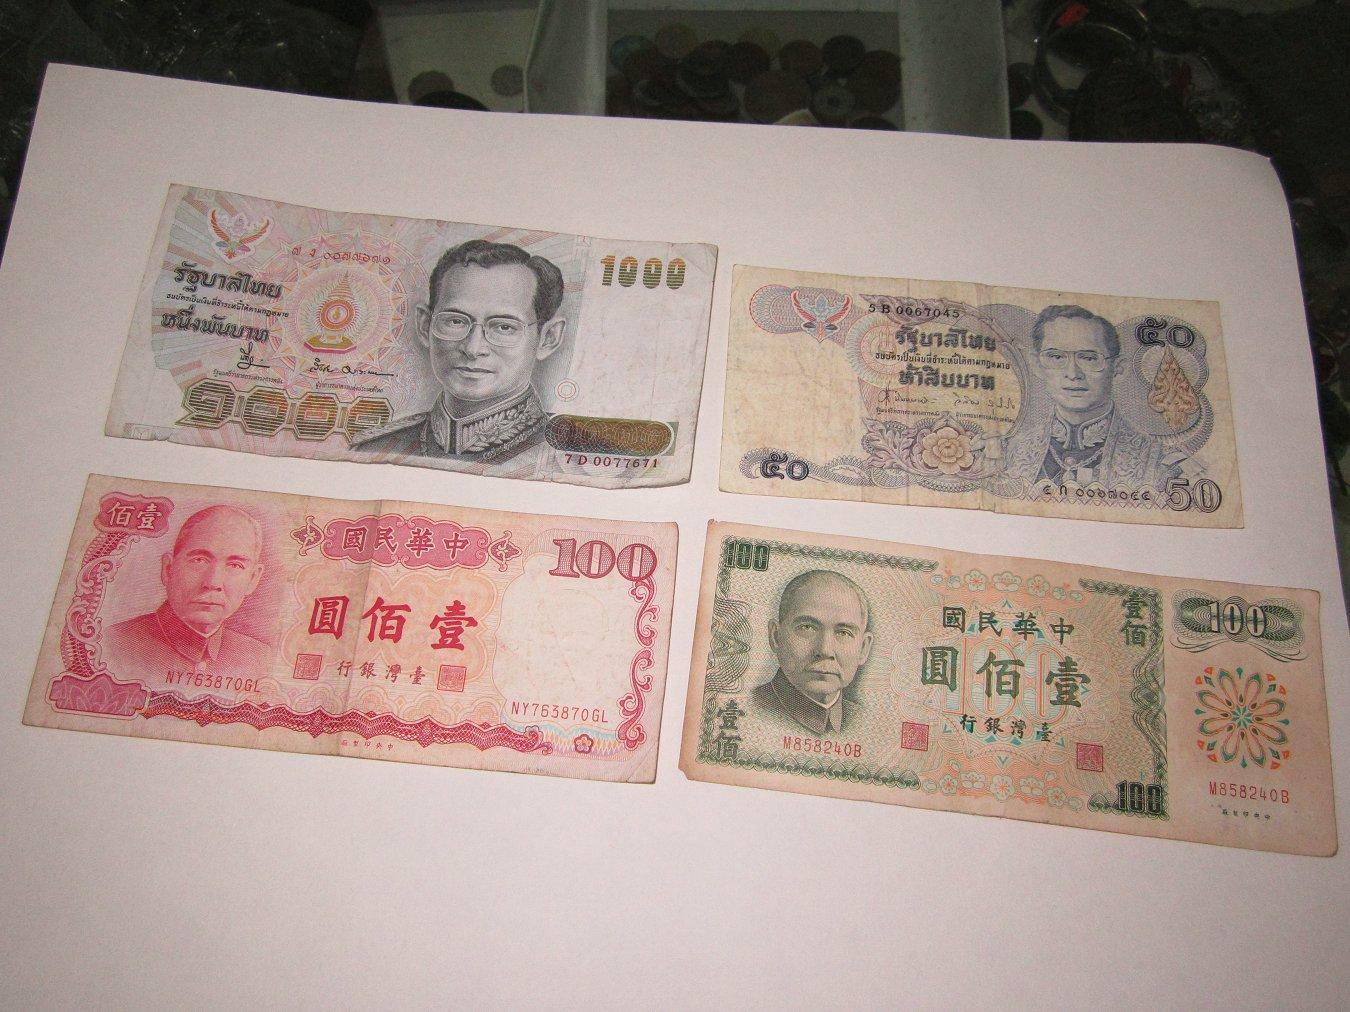 一元钱等于多少q币_马币一元等于台币多少-台币一块钱等于马来西亚多少钱??